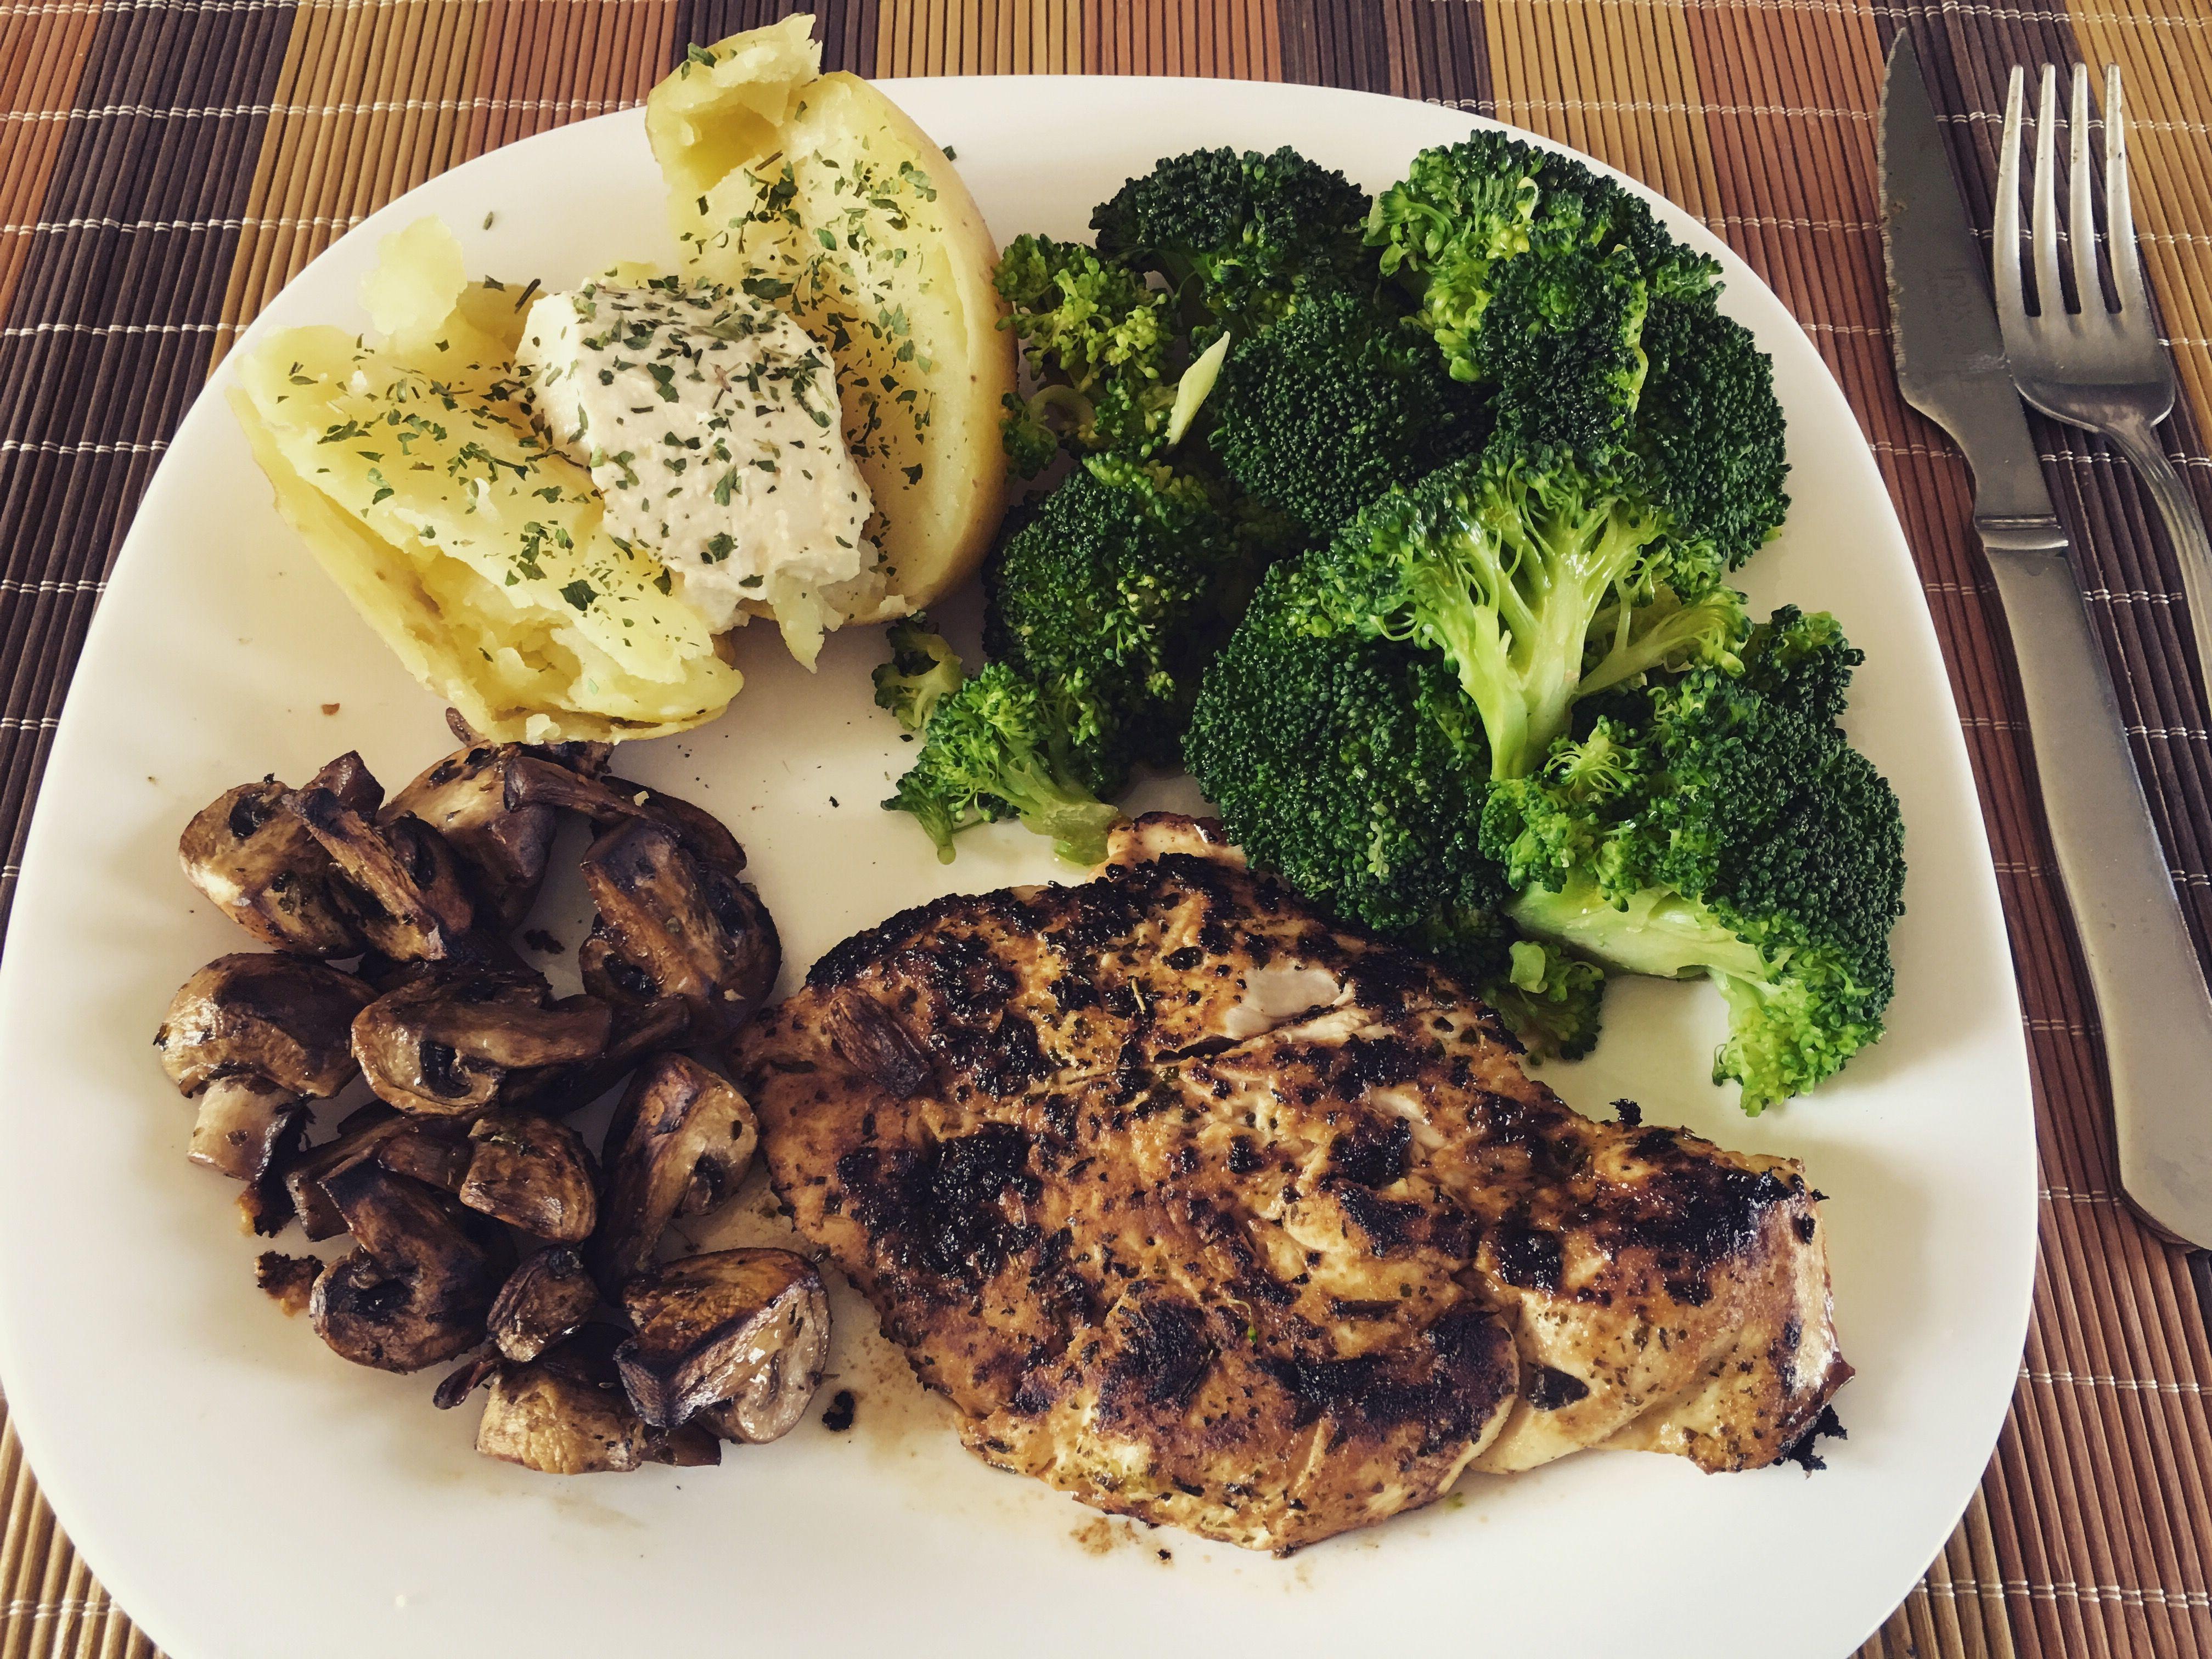 Almuerzo 150 G De Pechuga De Pollo A La Plancha Brócoli Al Vapor 1 Patata Hervida Con Humus Y Perejil Tambien Unos Champiño Almoços Saudáveis Almoço